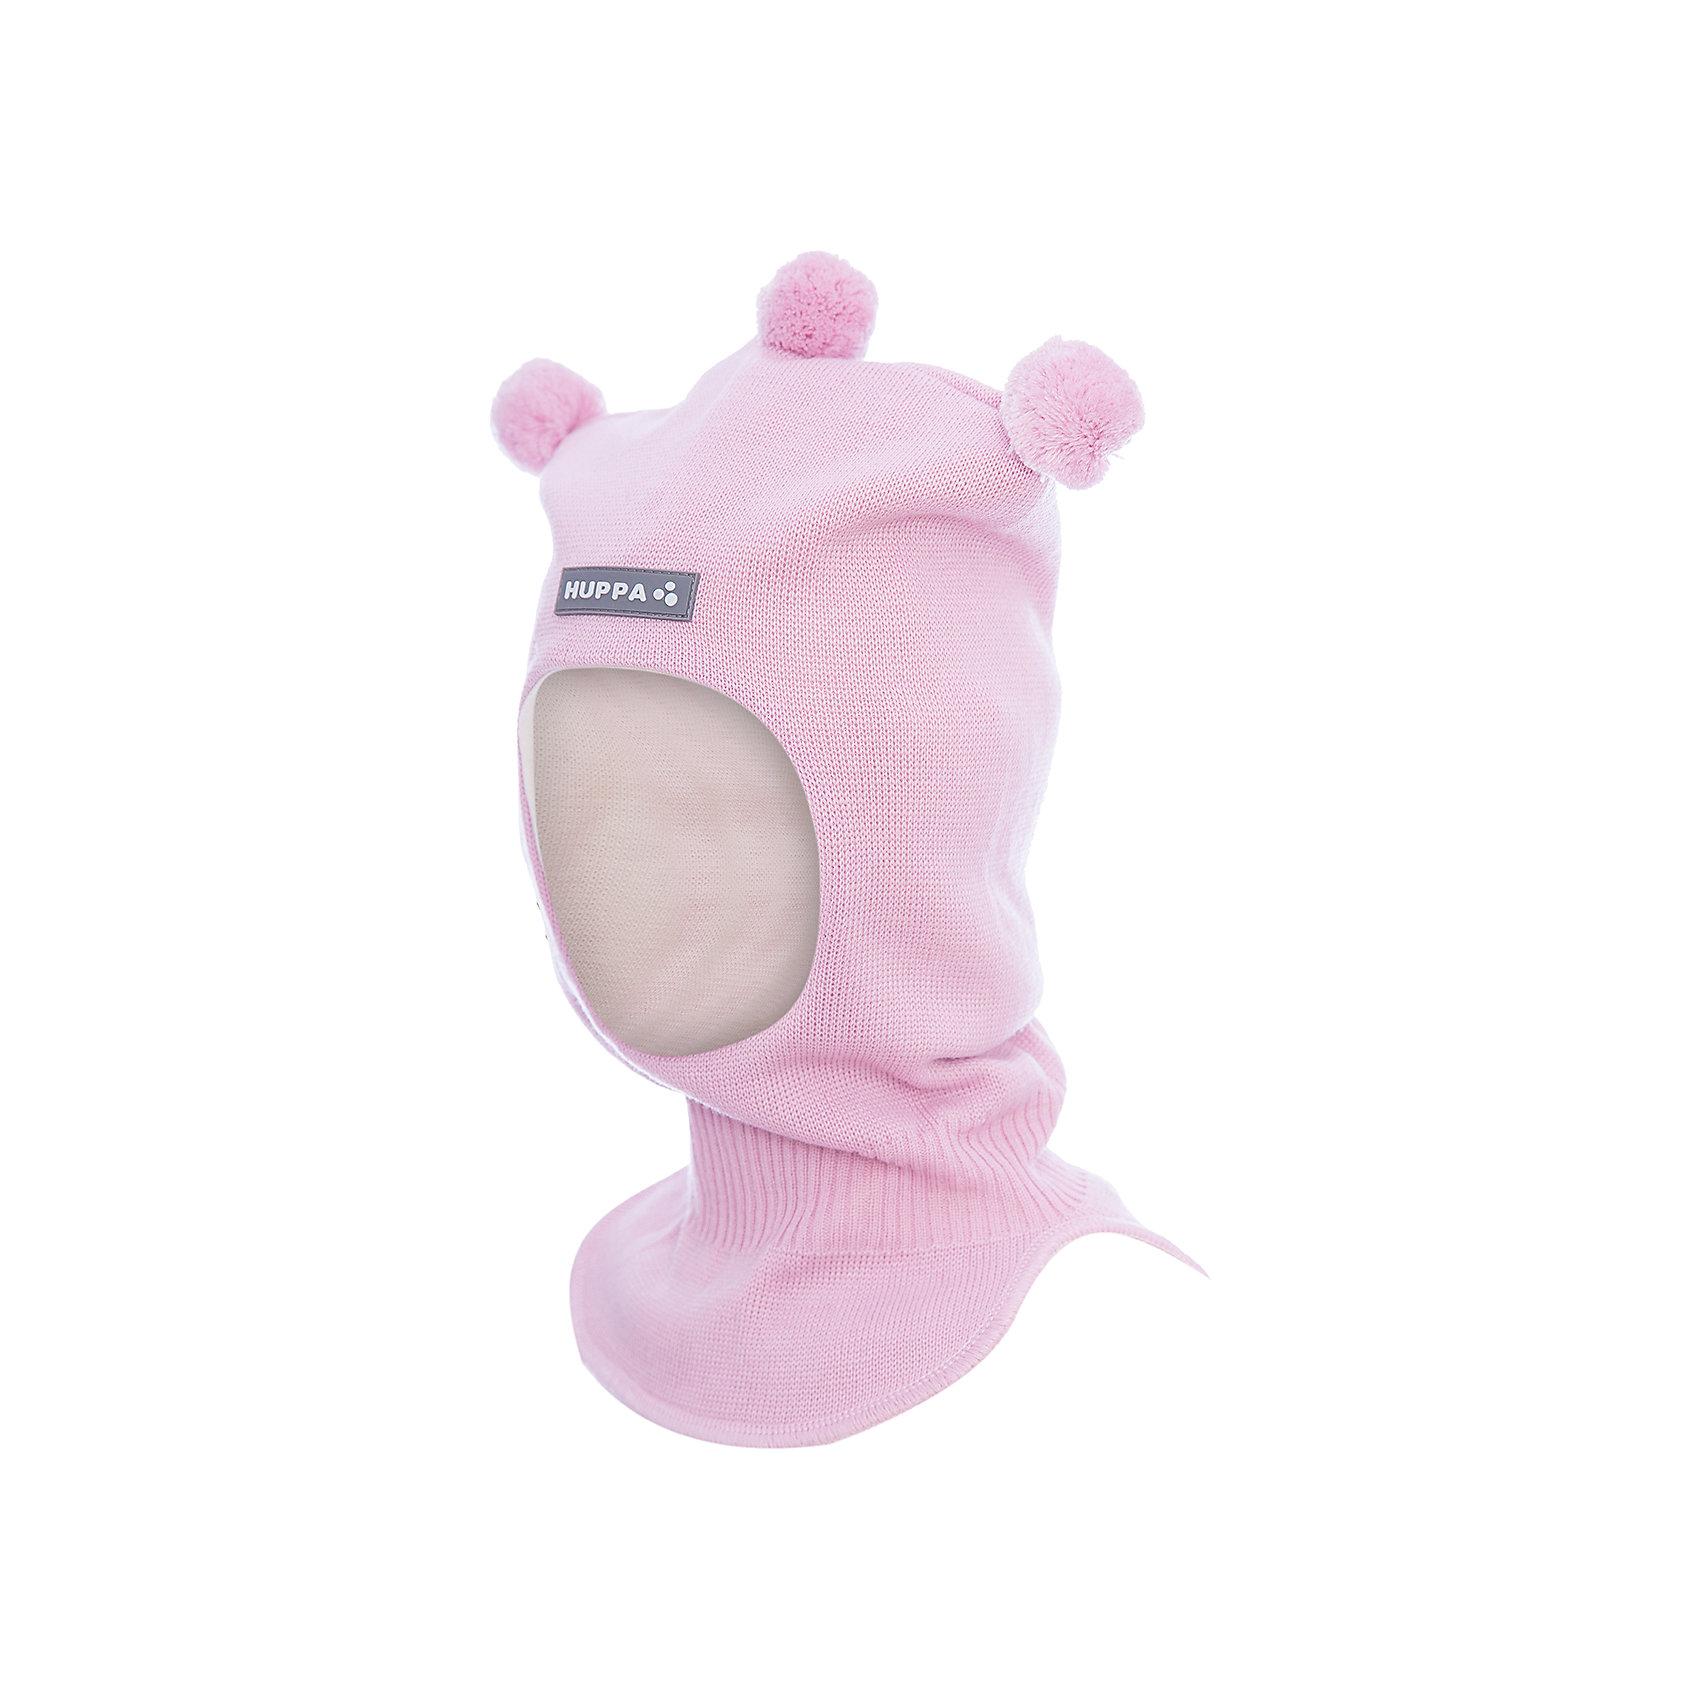 Шапка-шлем COCO HuppaГоловные уборы<br>Вязаная шапка-шлем для детей COCO. Теплая вязанная шапочка-шлем на хлопковой подкладке, прекрассно подойдет для повседневных прогулок в холодное время года.<br>Состав:<br>50% мерс.шерсть, 50% акрил<br><br>Ширина мм: 89<br>Глубина мм: 117<br>Высота мм: 44<br>Вес г: 155<br>Цвет: розовый<br>Возраст от месяцев: 36<br>Возраст до месяцев: 72<br>Пол: Унисекс<br>Возраст: Детский<br>Размер: 51-53<br>SKU: 7029367